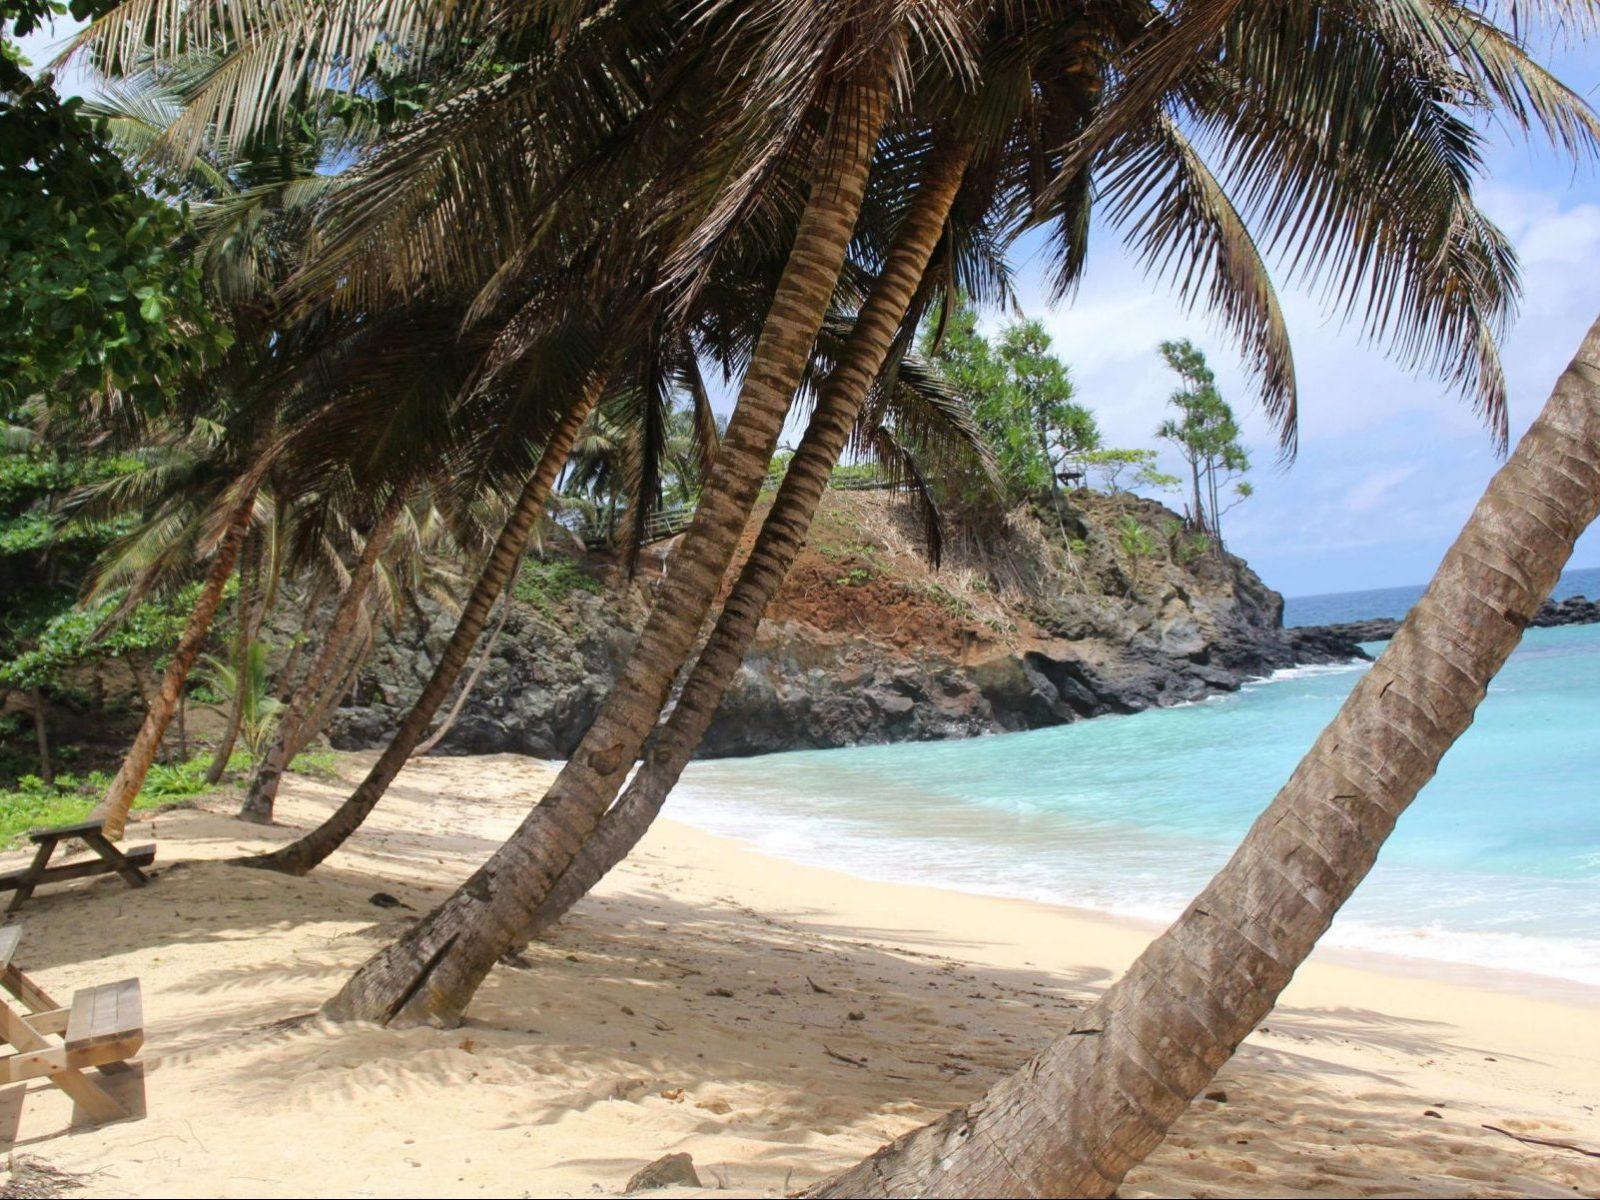 praia paradisiaca de sao tome